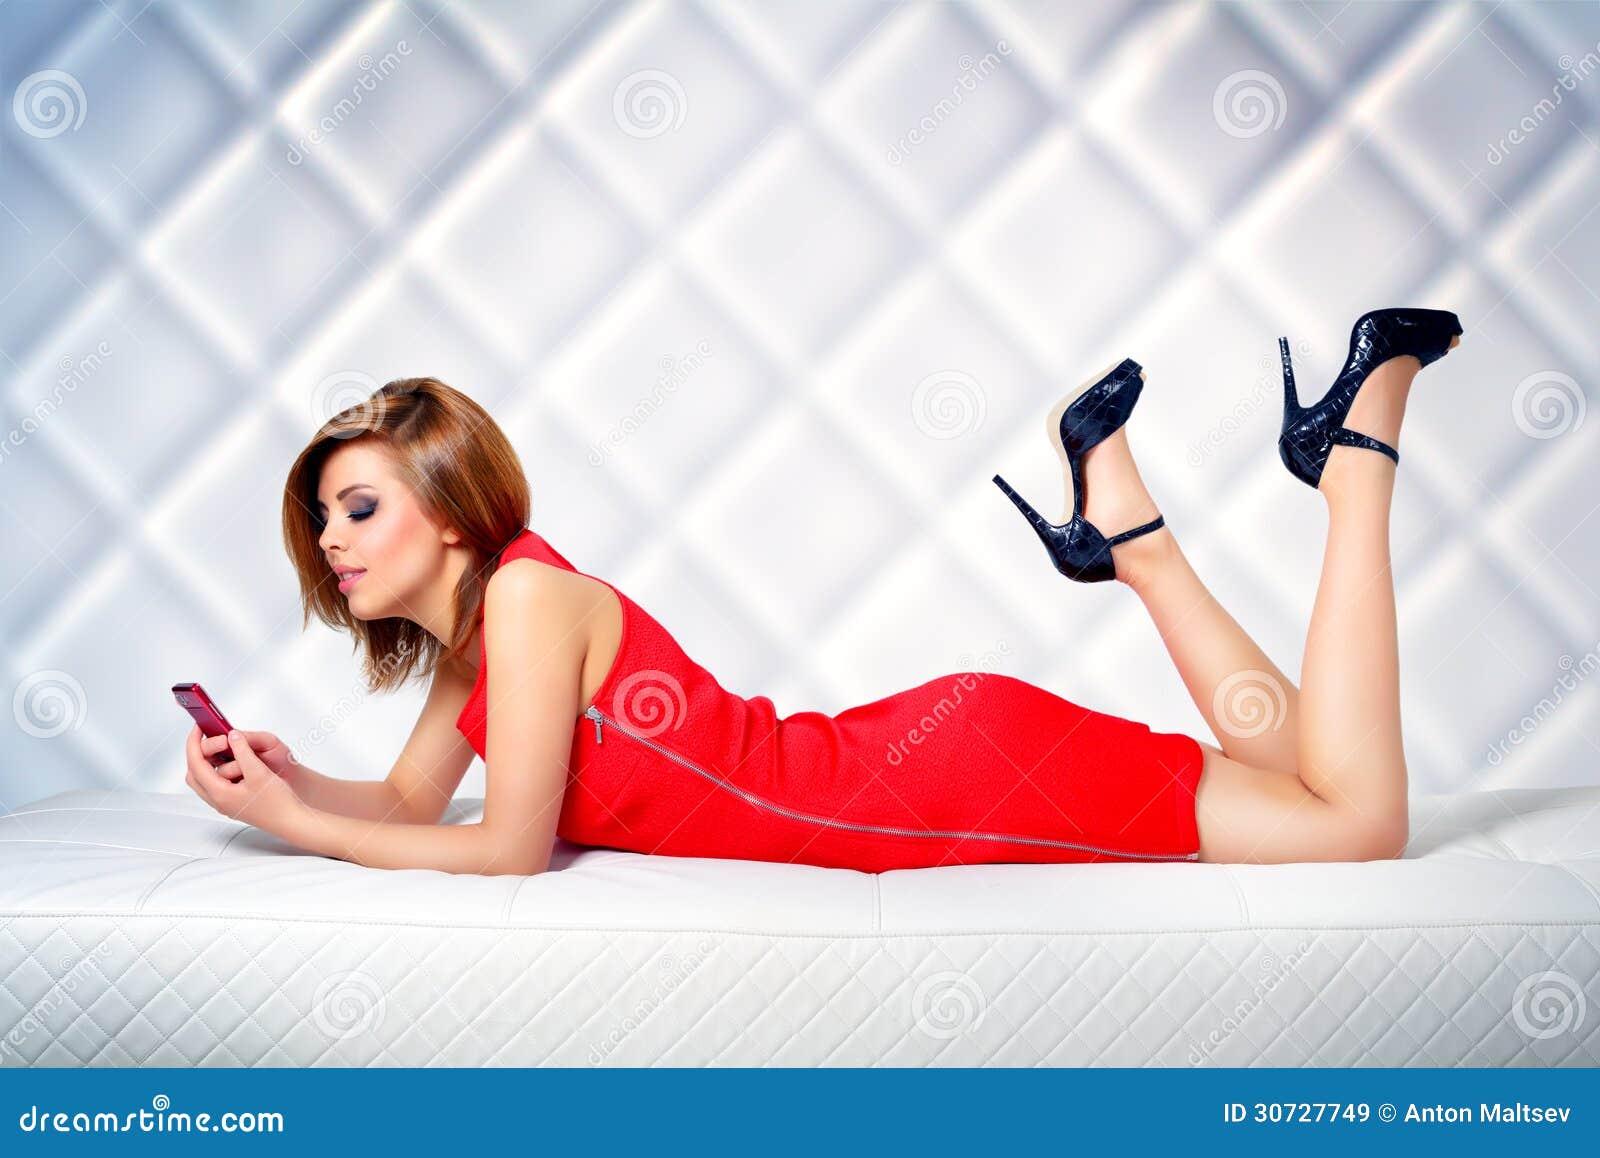 Красивые фотки девушек для телефона